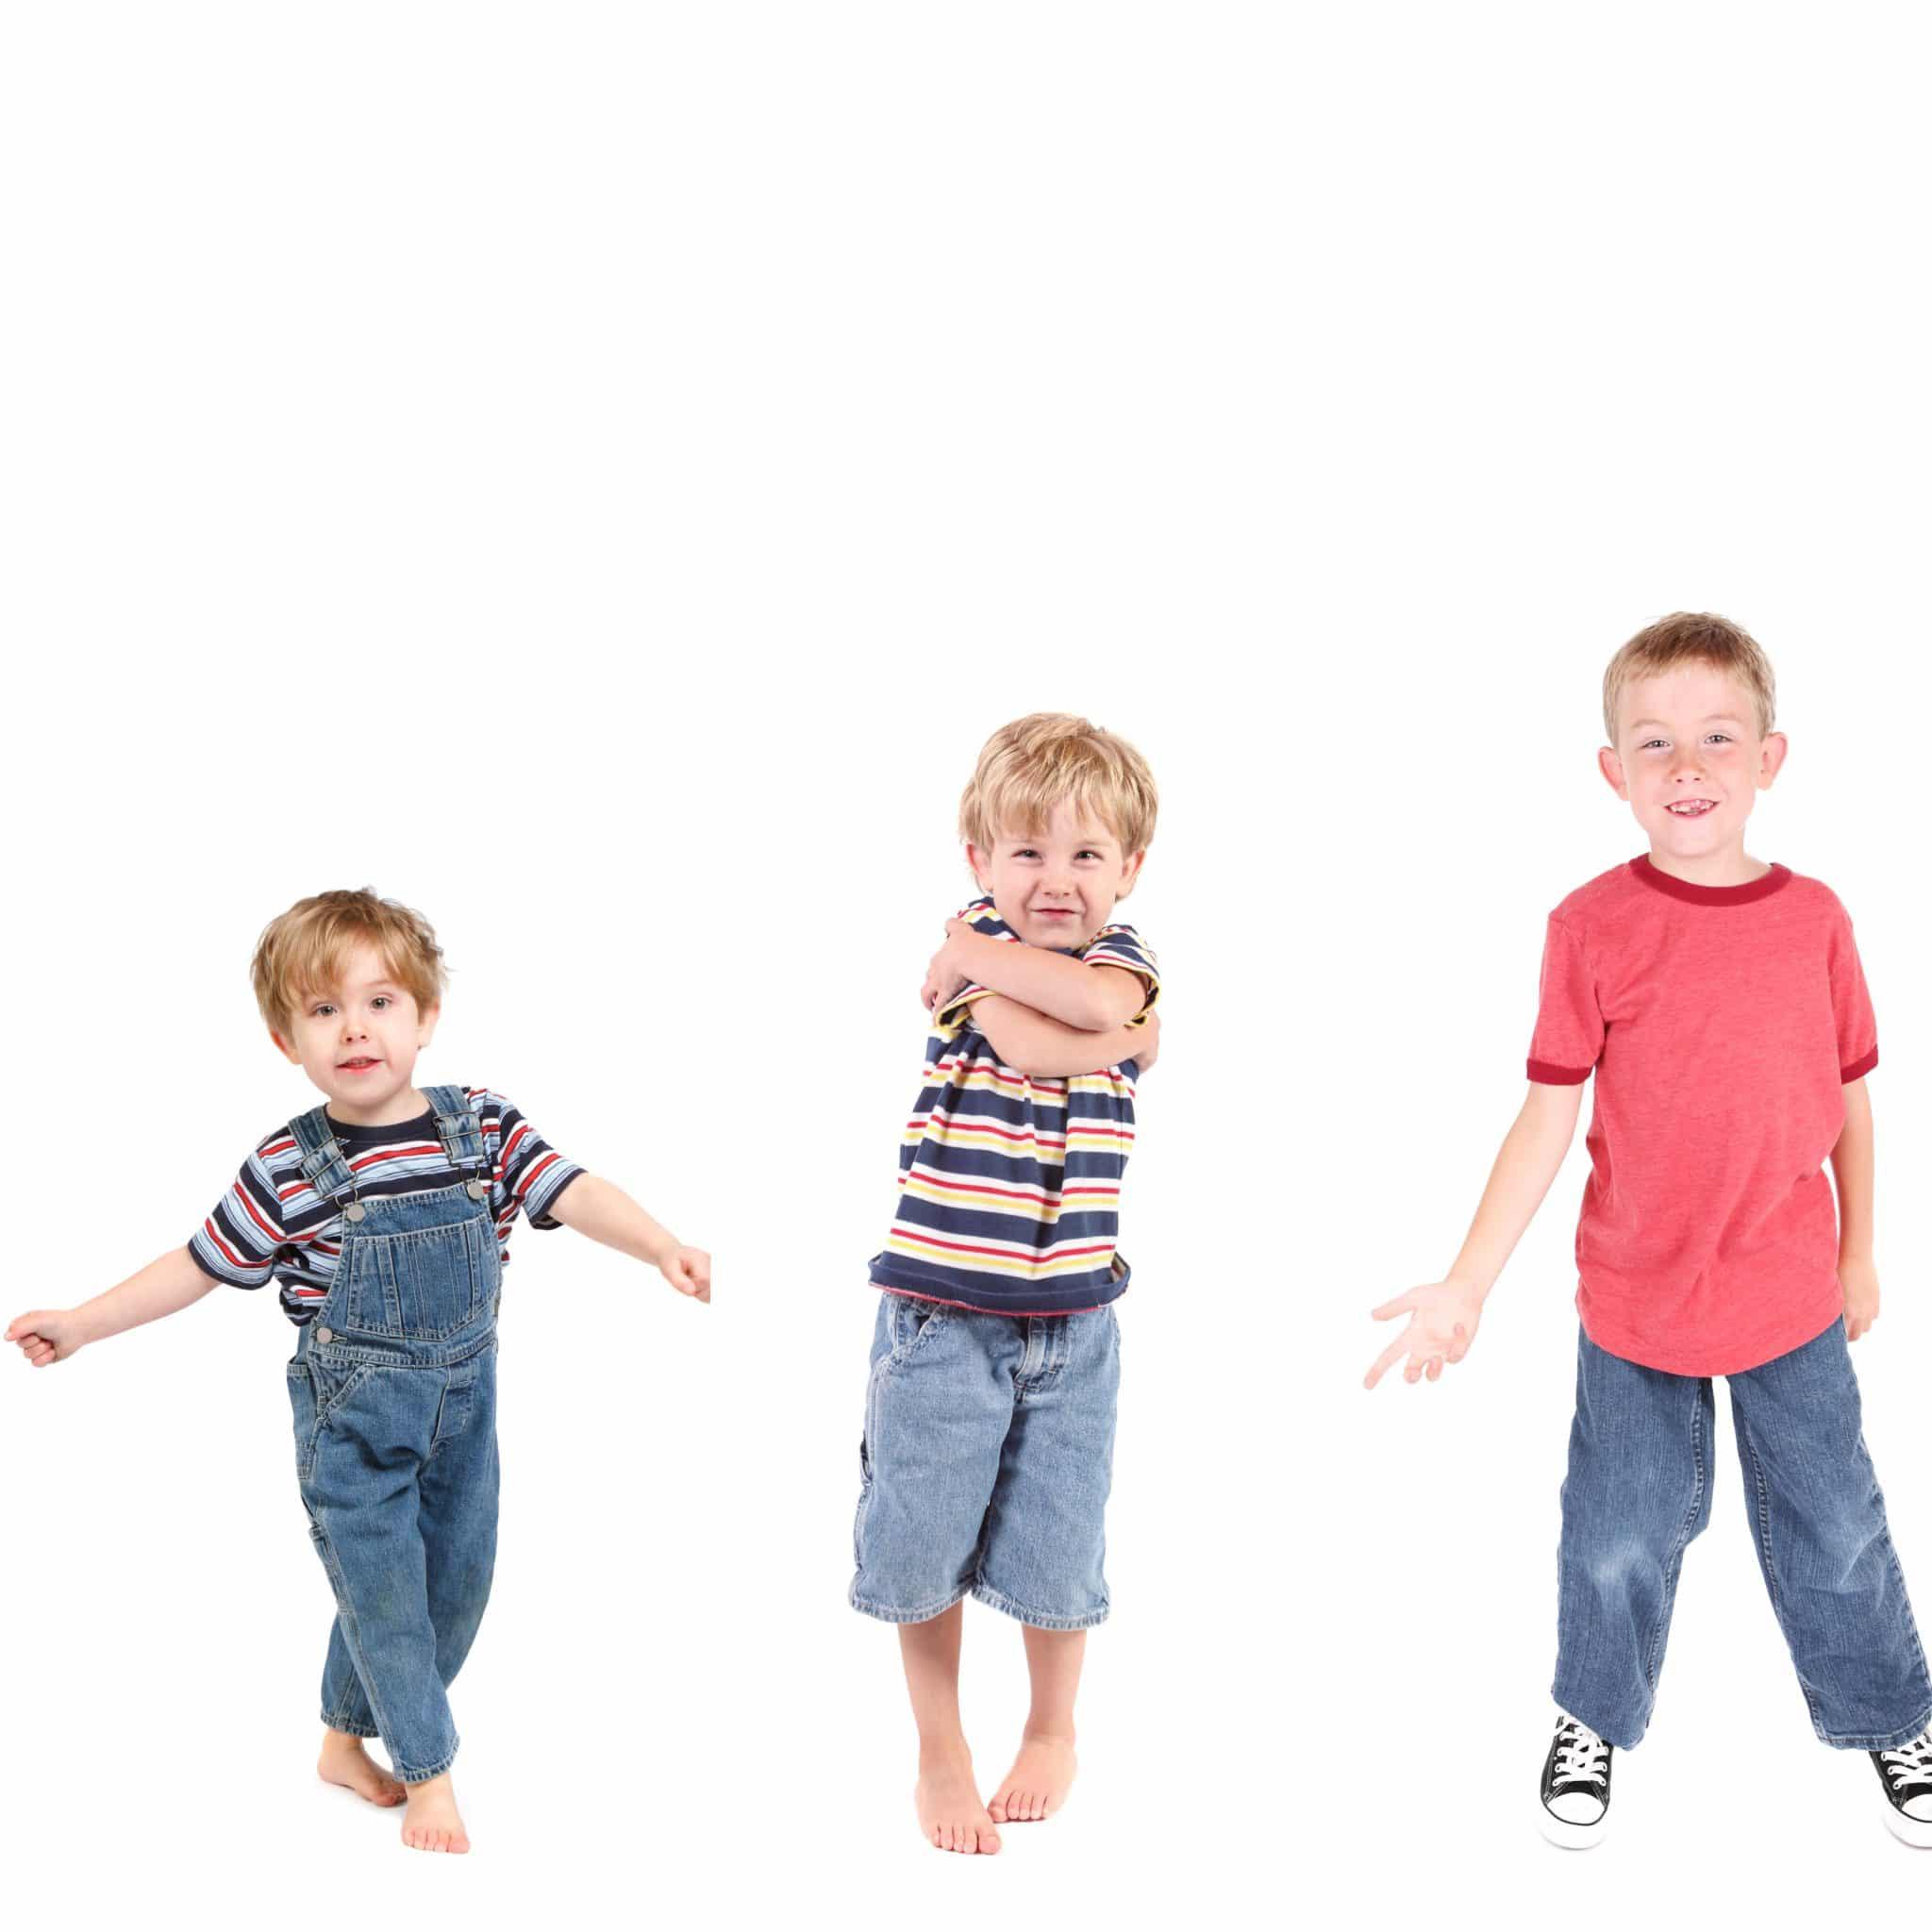 Schon als Fötus kann das Kind durch ein zu Viel oder zu Wenig an Hormonen beeinflusst werden – was teilweise weitreichende Folgen haben kann.